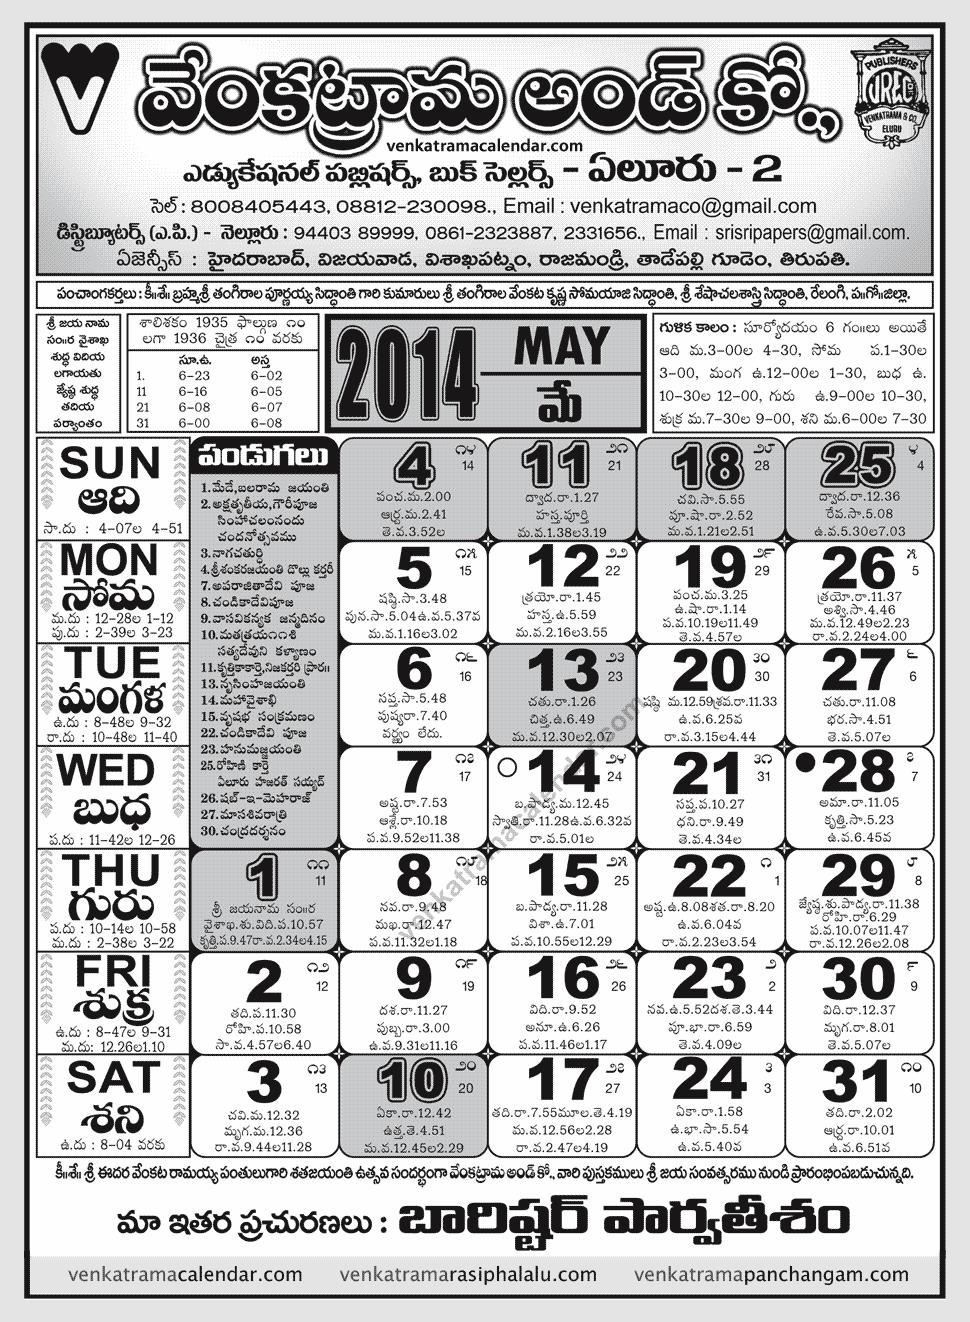 Venkatrama Calendar May : Venkatrama co calendar may telugu